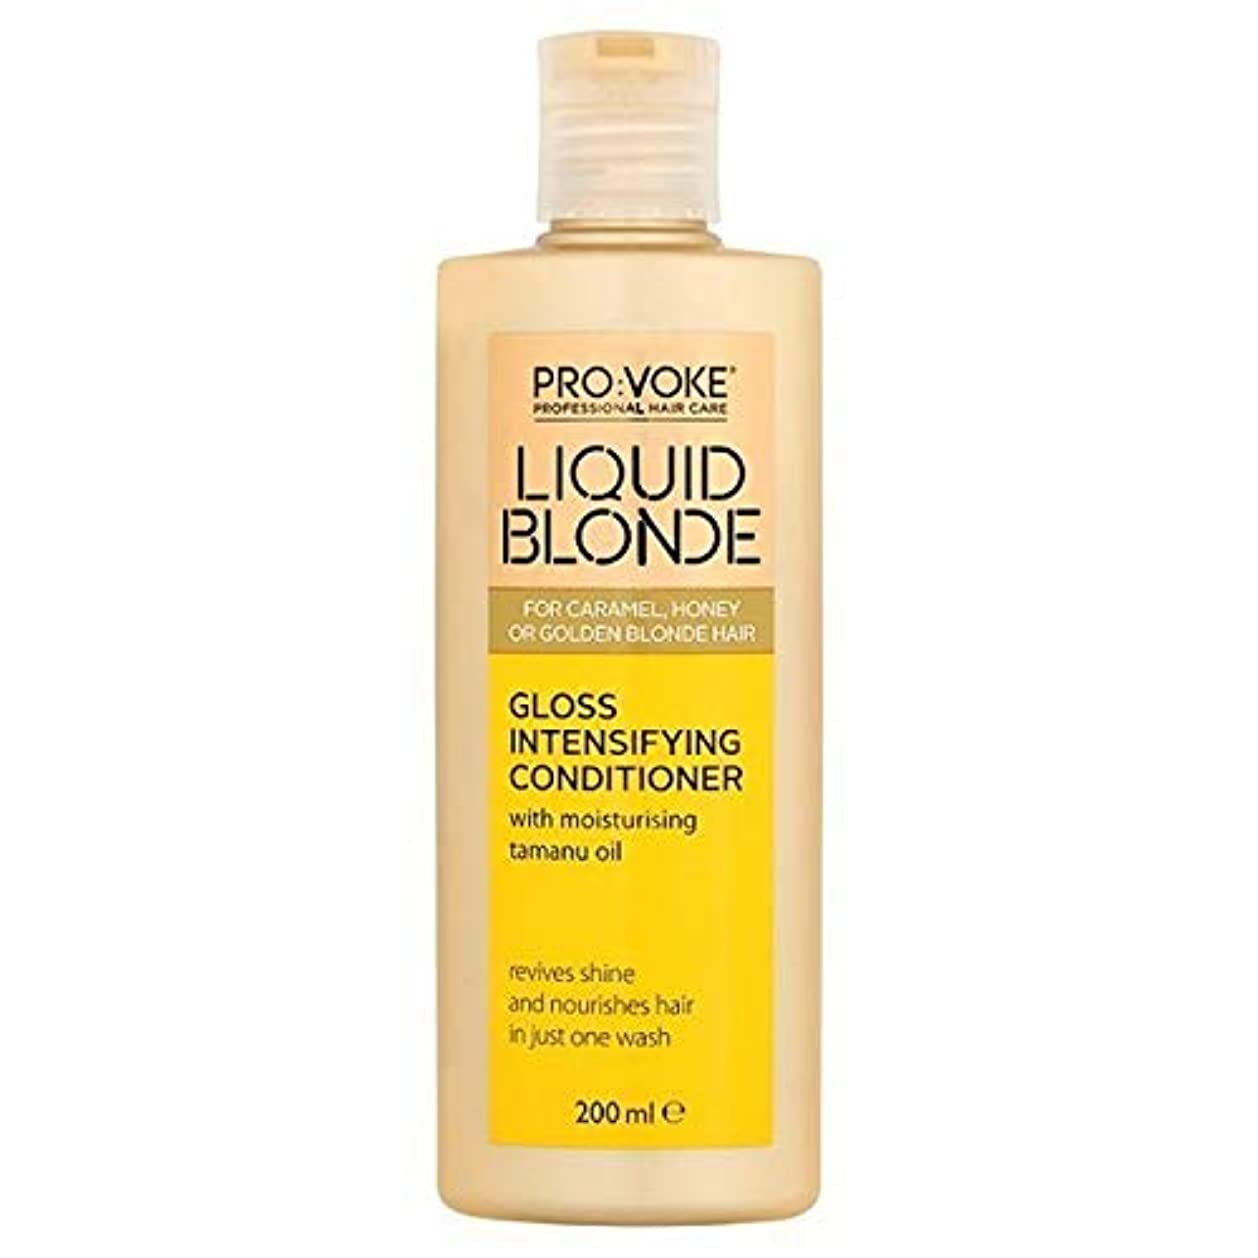 母ホスト刻む[Pro:Voke] プロ:Voke液体ブロンド強烈な輝きコンディショナー - PRO:VOKE Liquid Blonde Intense Shine Conditioner [並行輸入品]